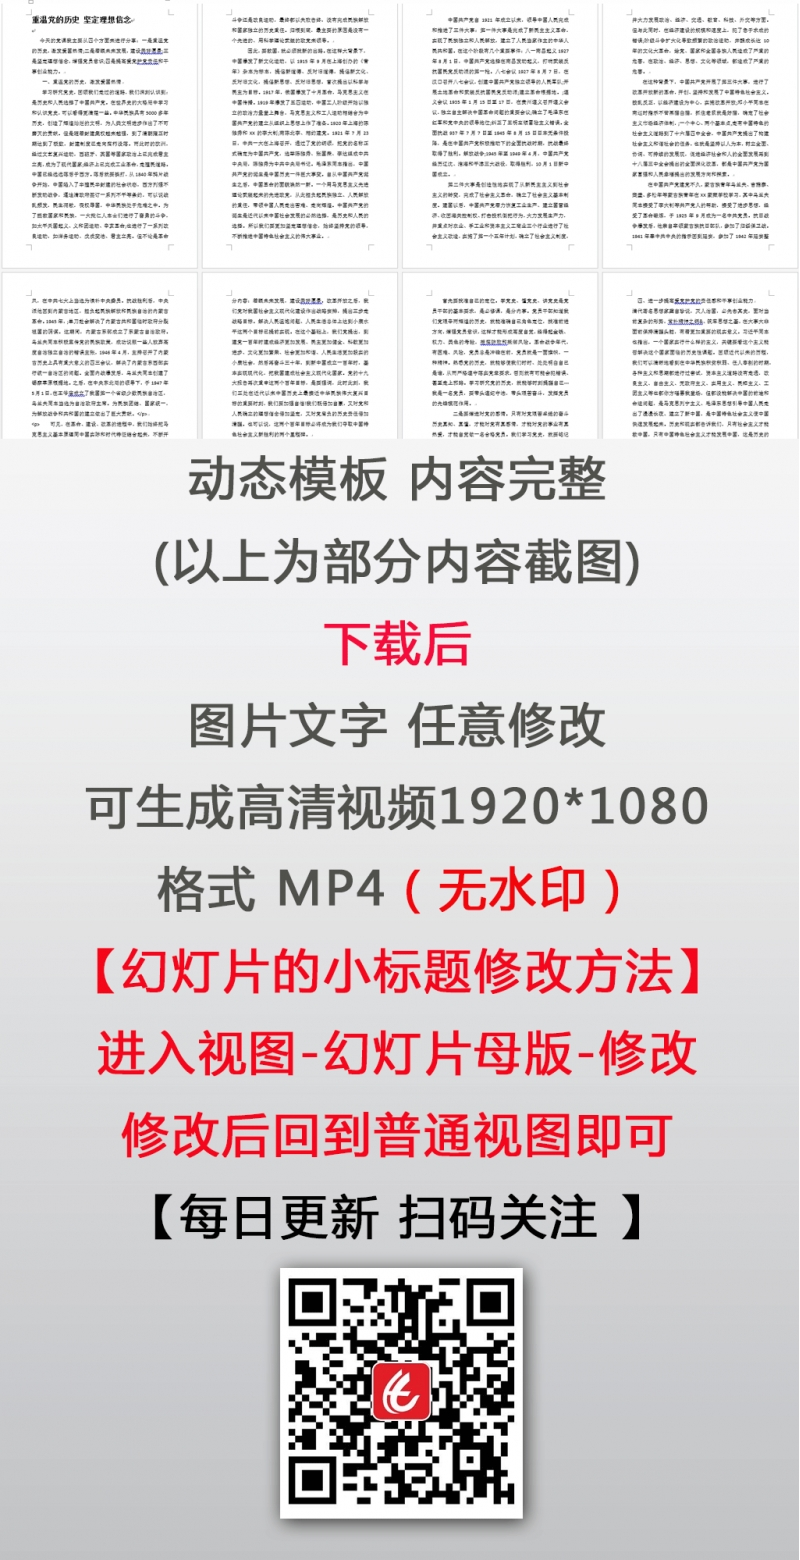 重温党的历史 坚定理想信念讲党课课件PPT及讲稿